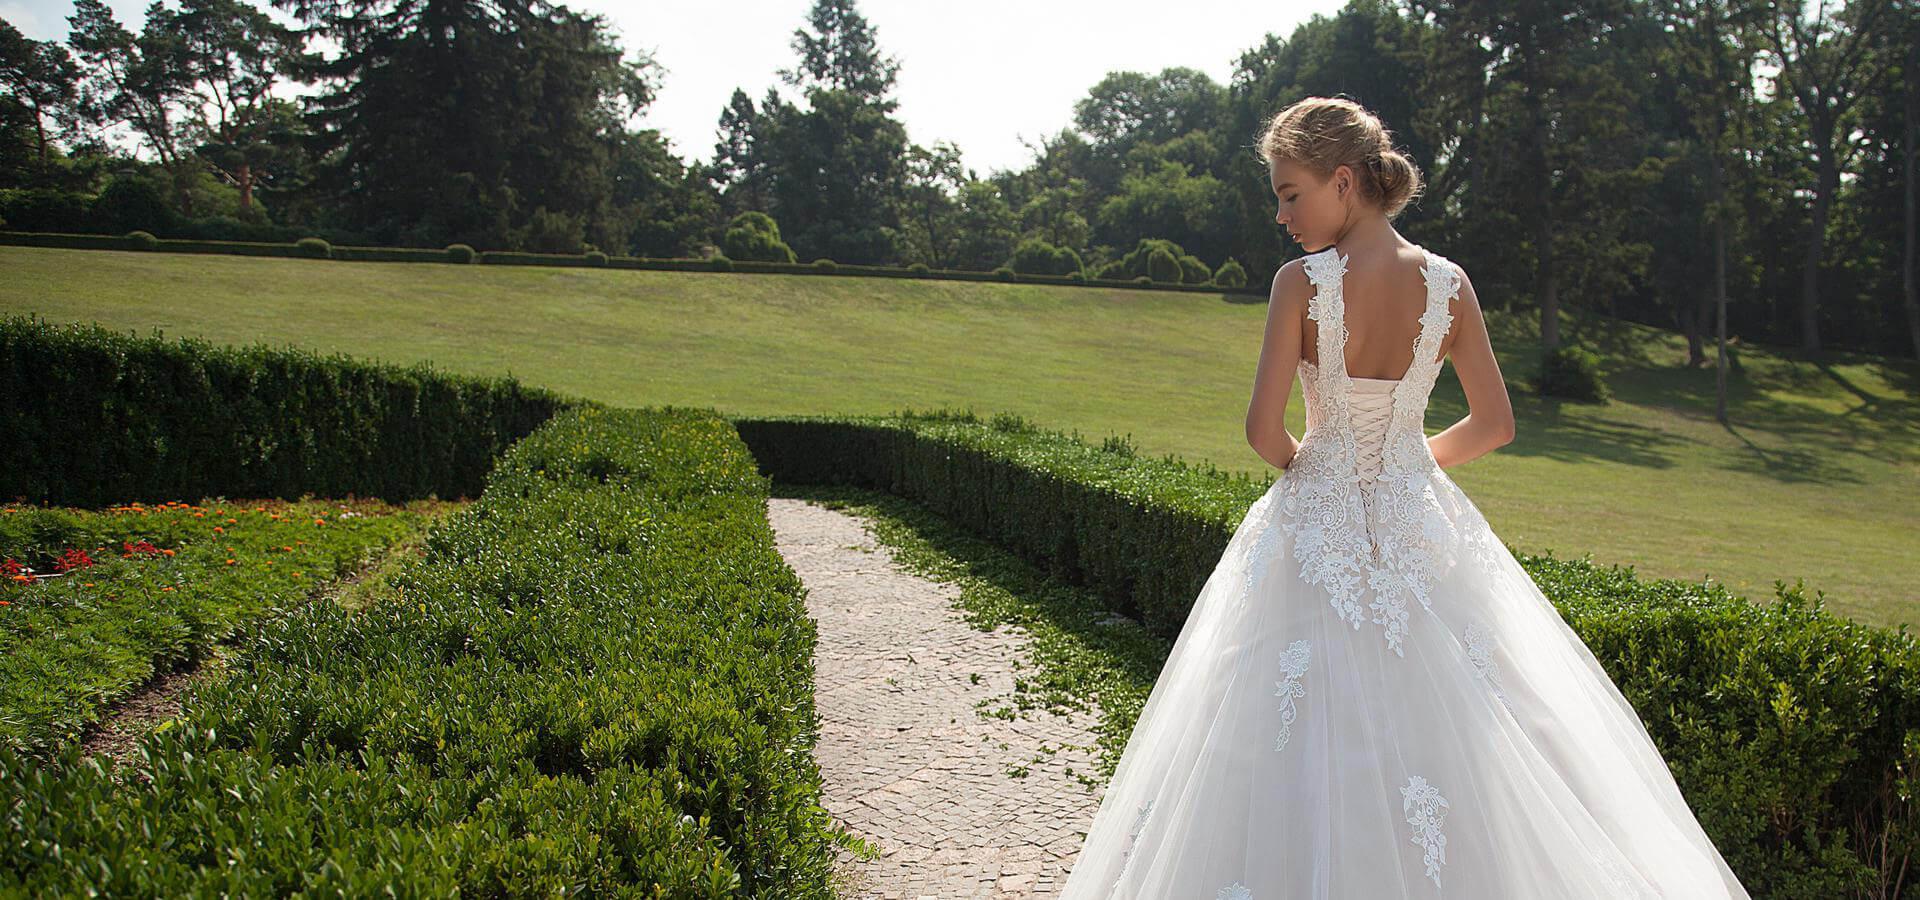 Организация кружевной свадьбы: секреты и правила